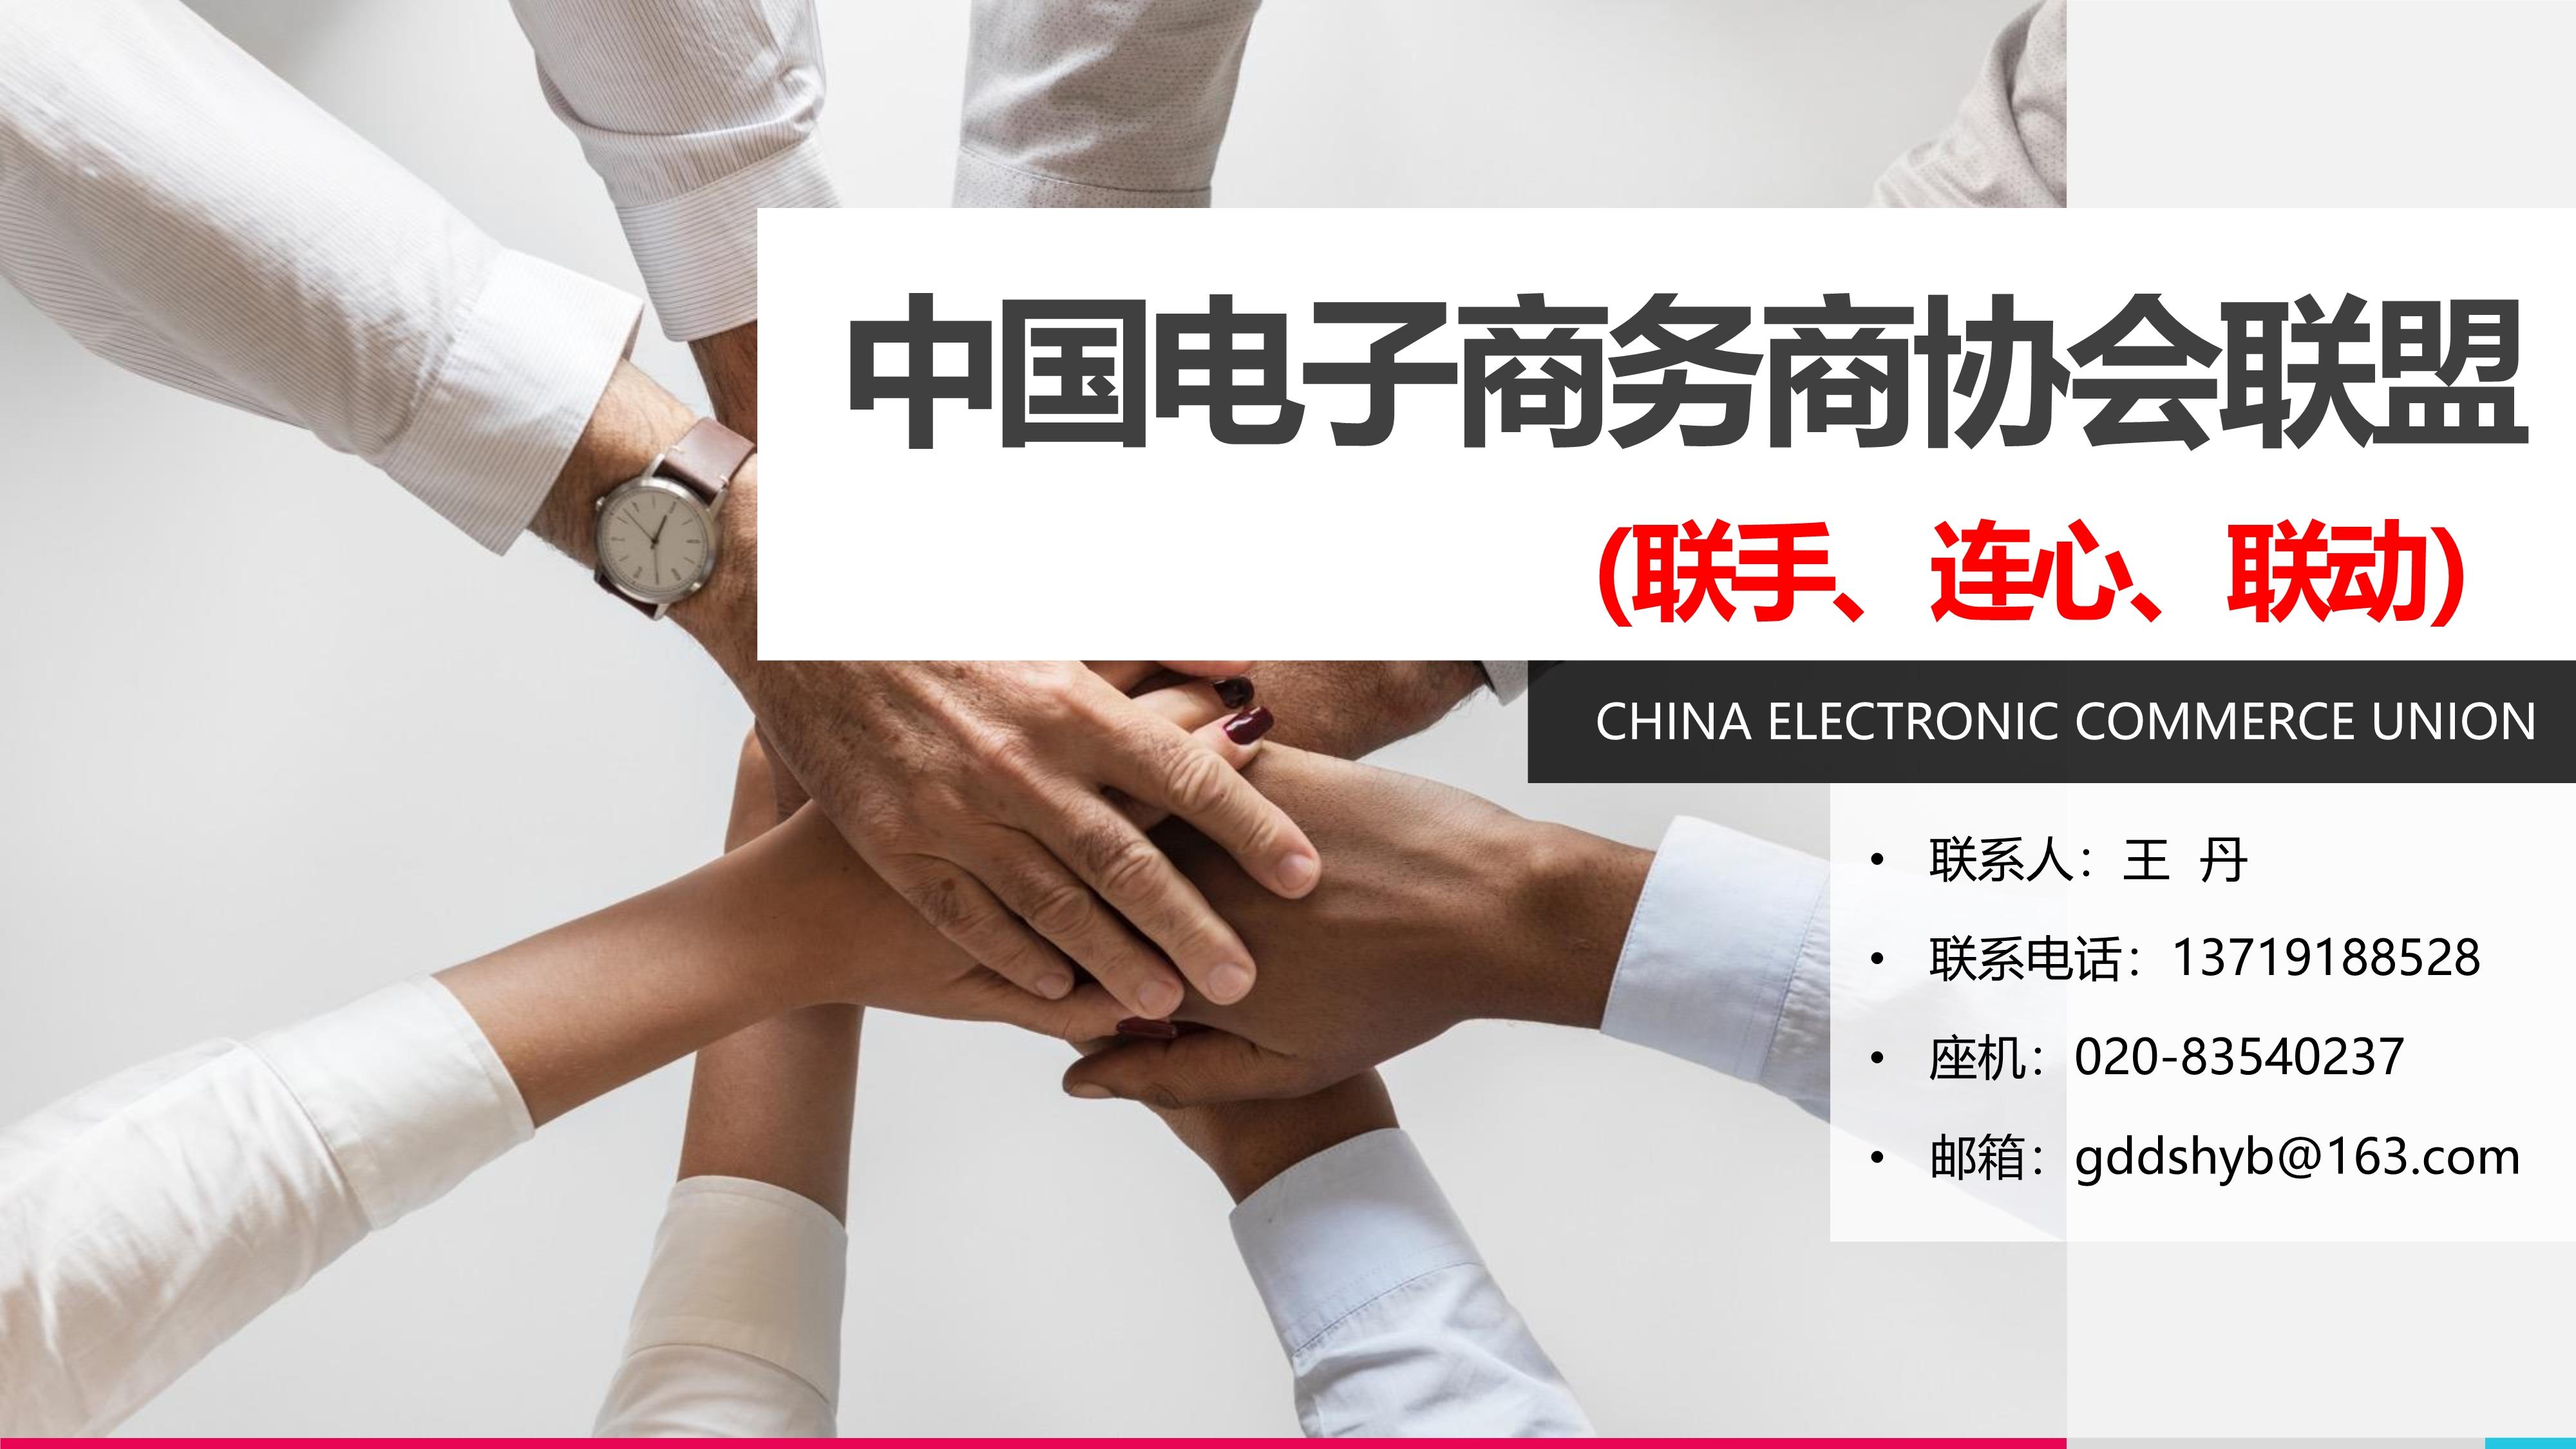 1中國電子商務商協會聯盟0220